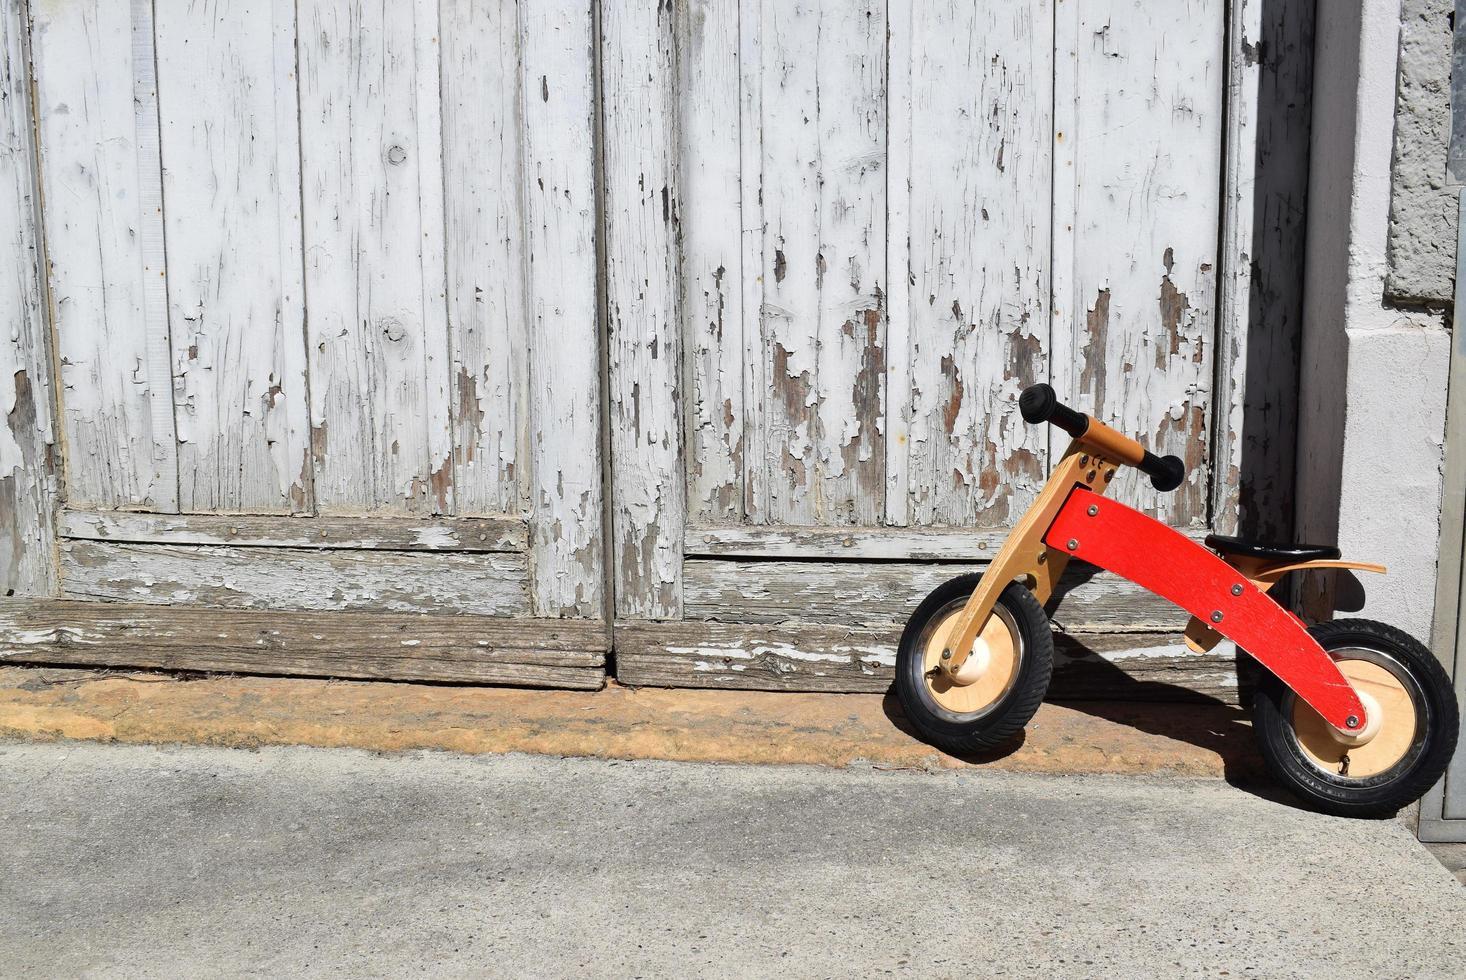 Parque de bicicletas naranja para niños pequeños junto a la puerta foto